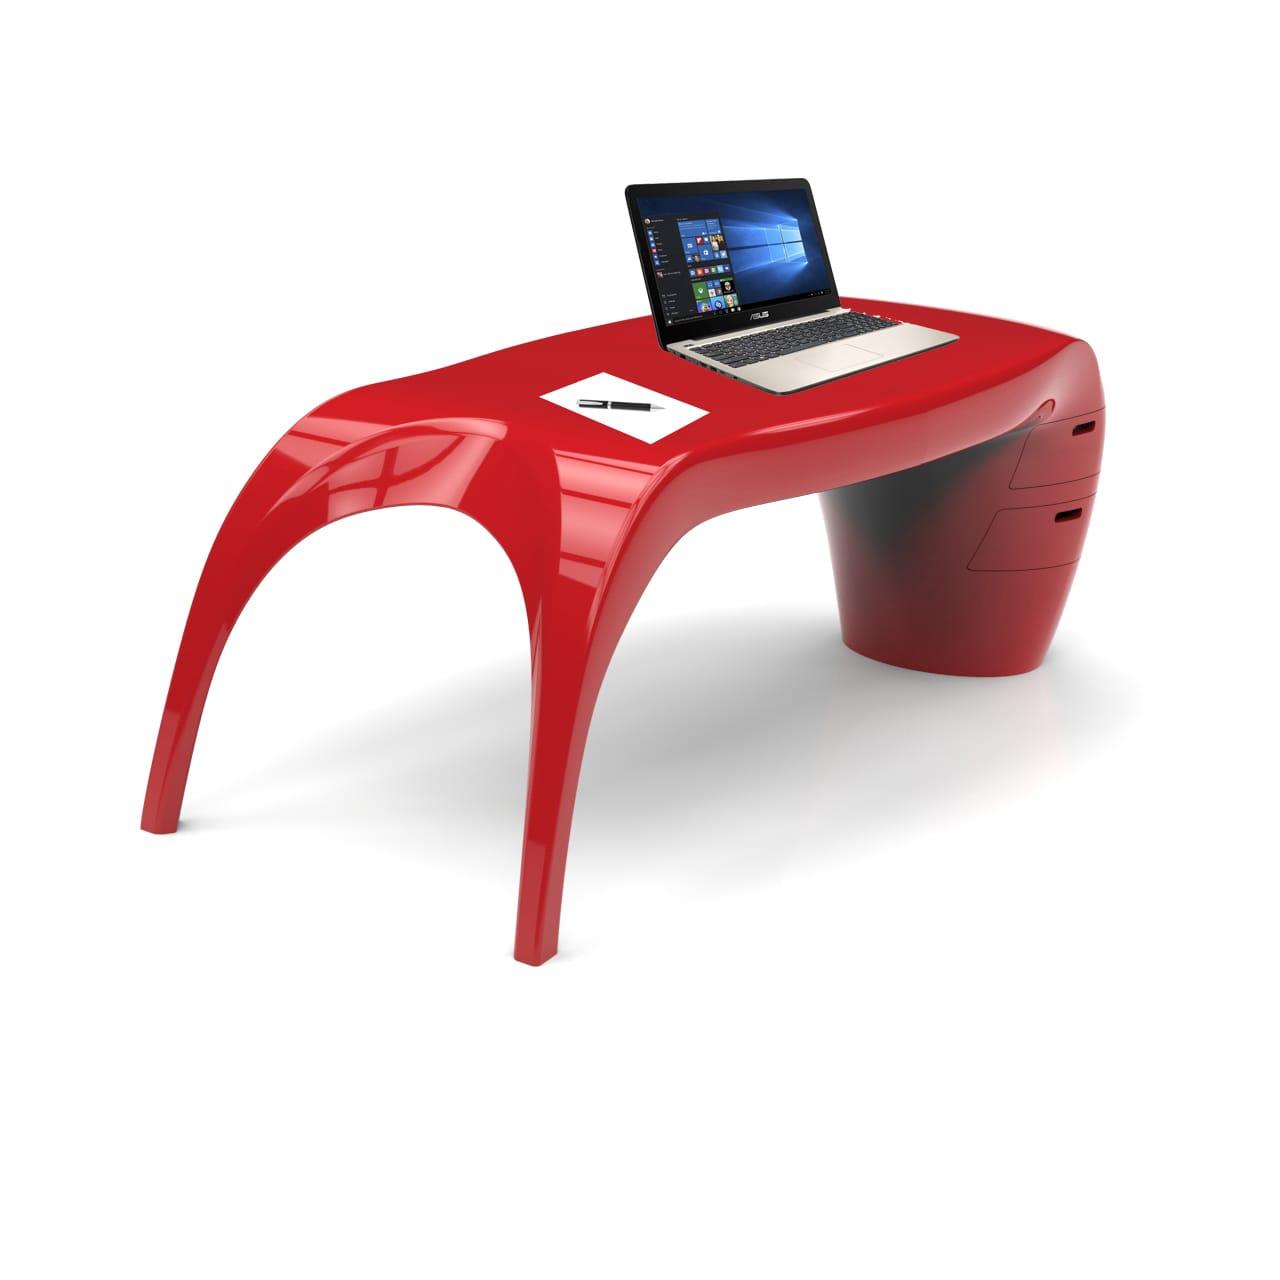 LADY DESK scrivania rossa realizzata in Adamantx